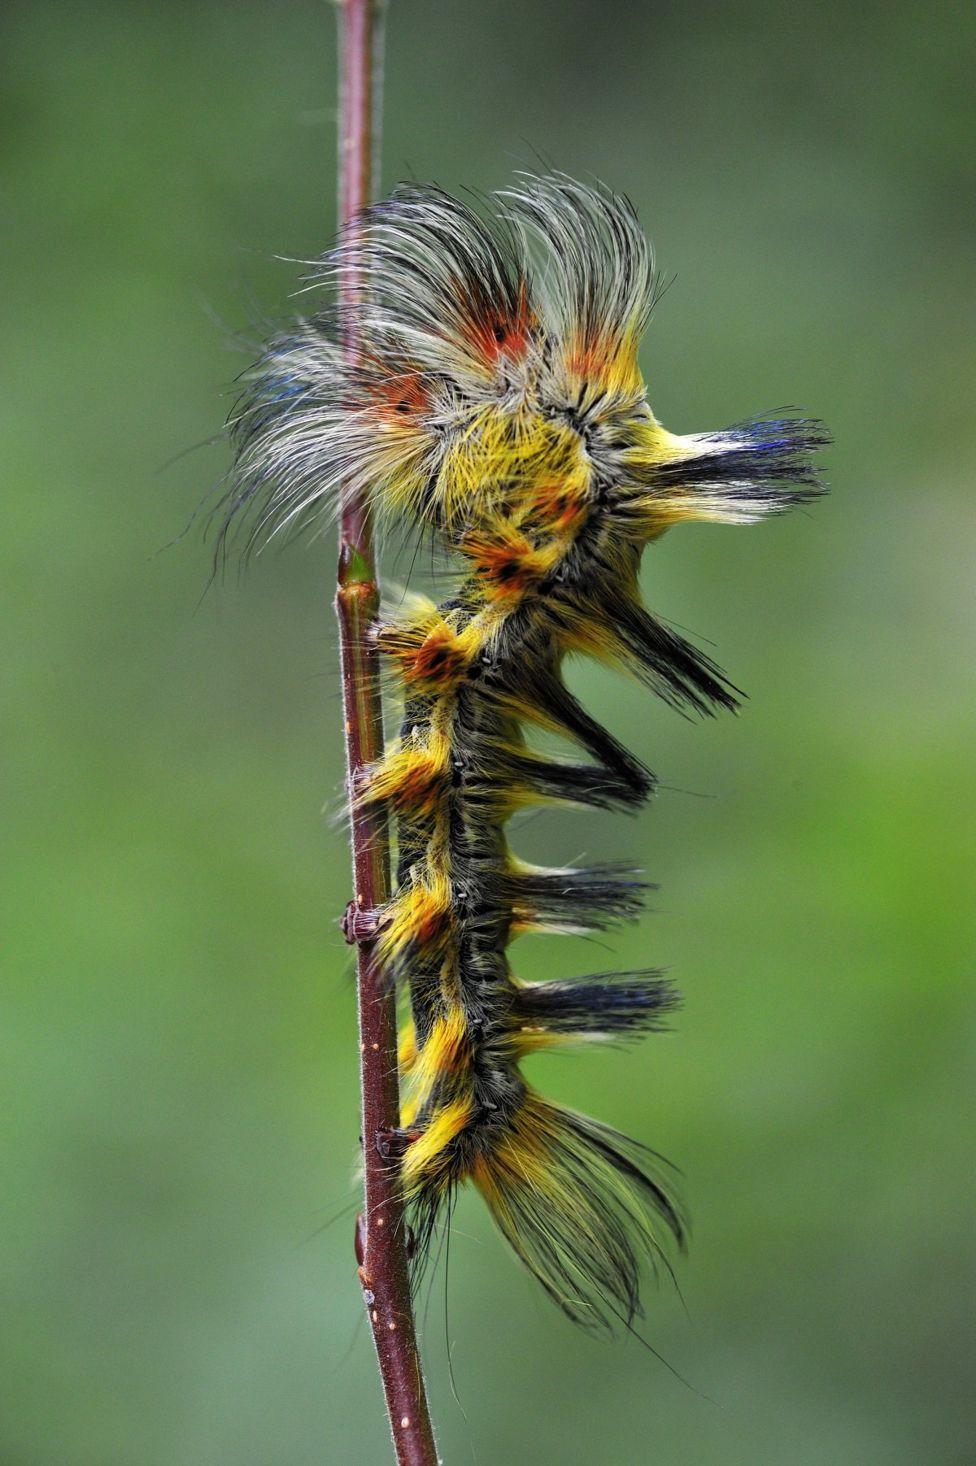 Una oruga con pelo largo amarillo y negro.